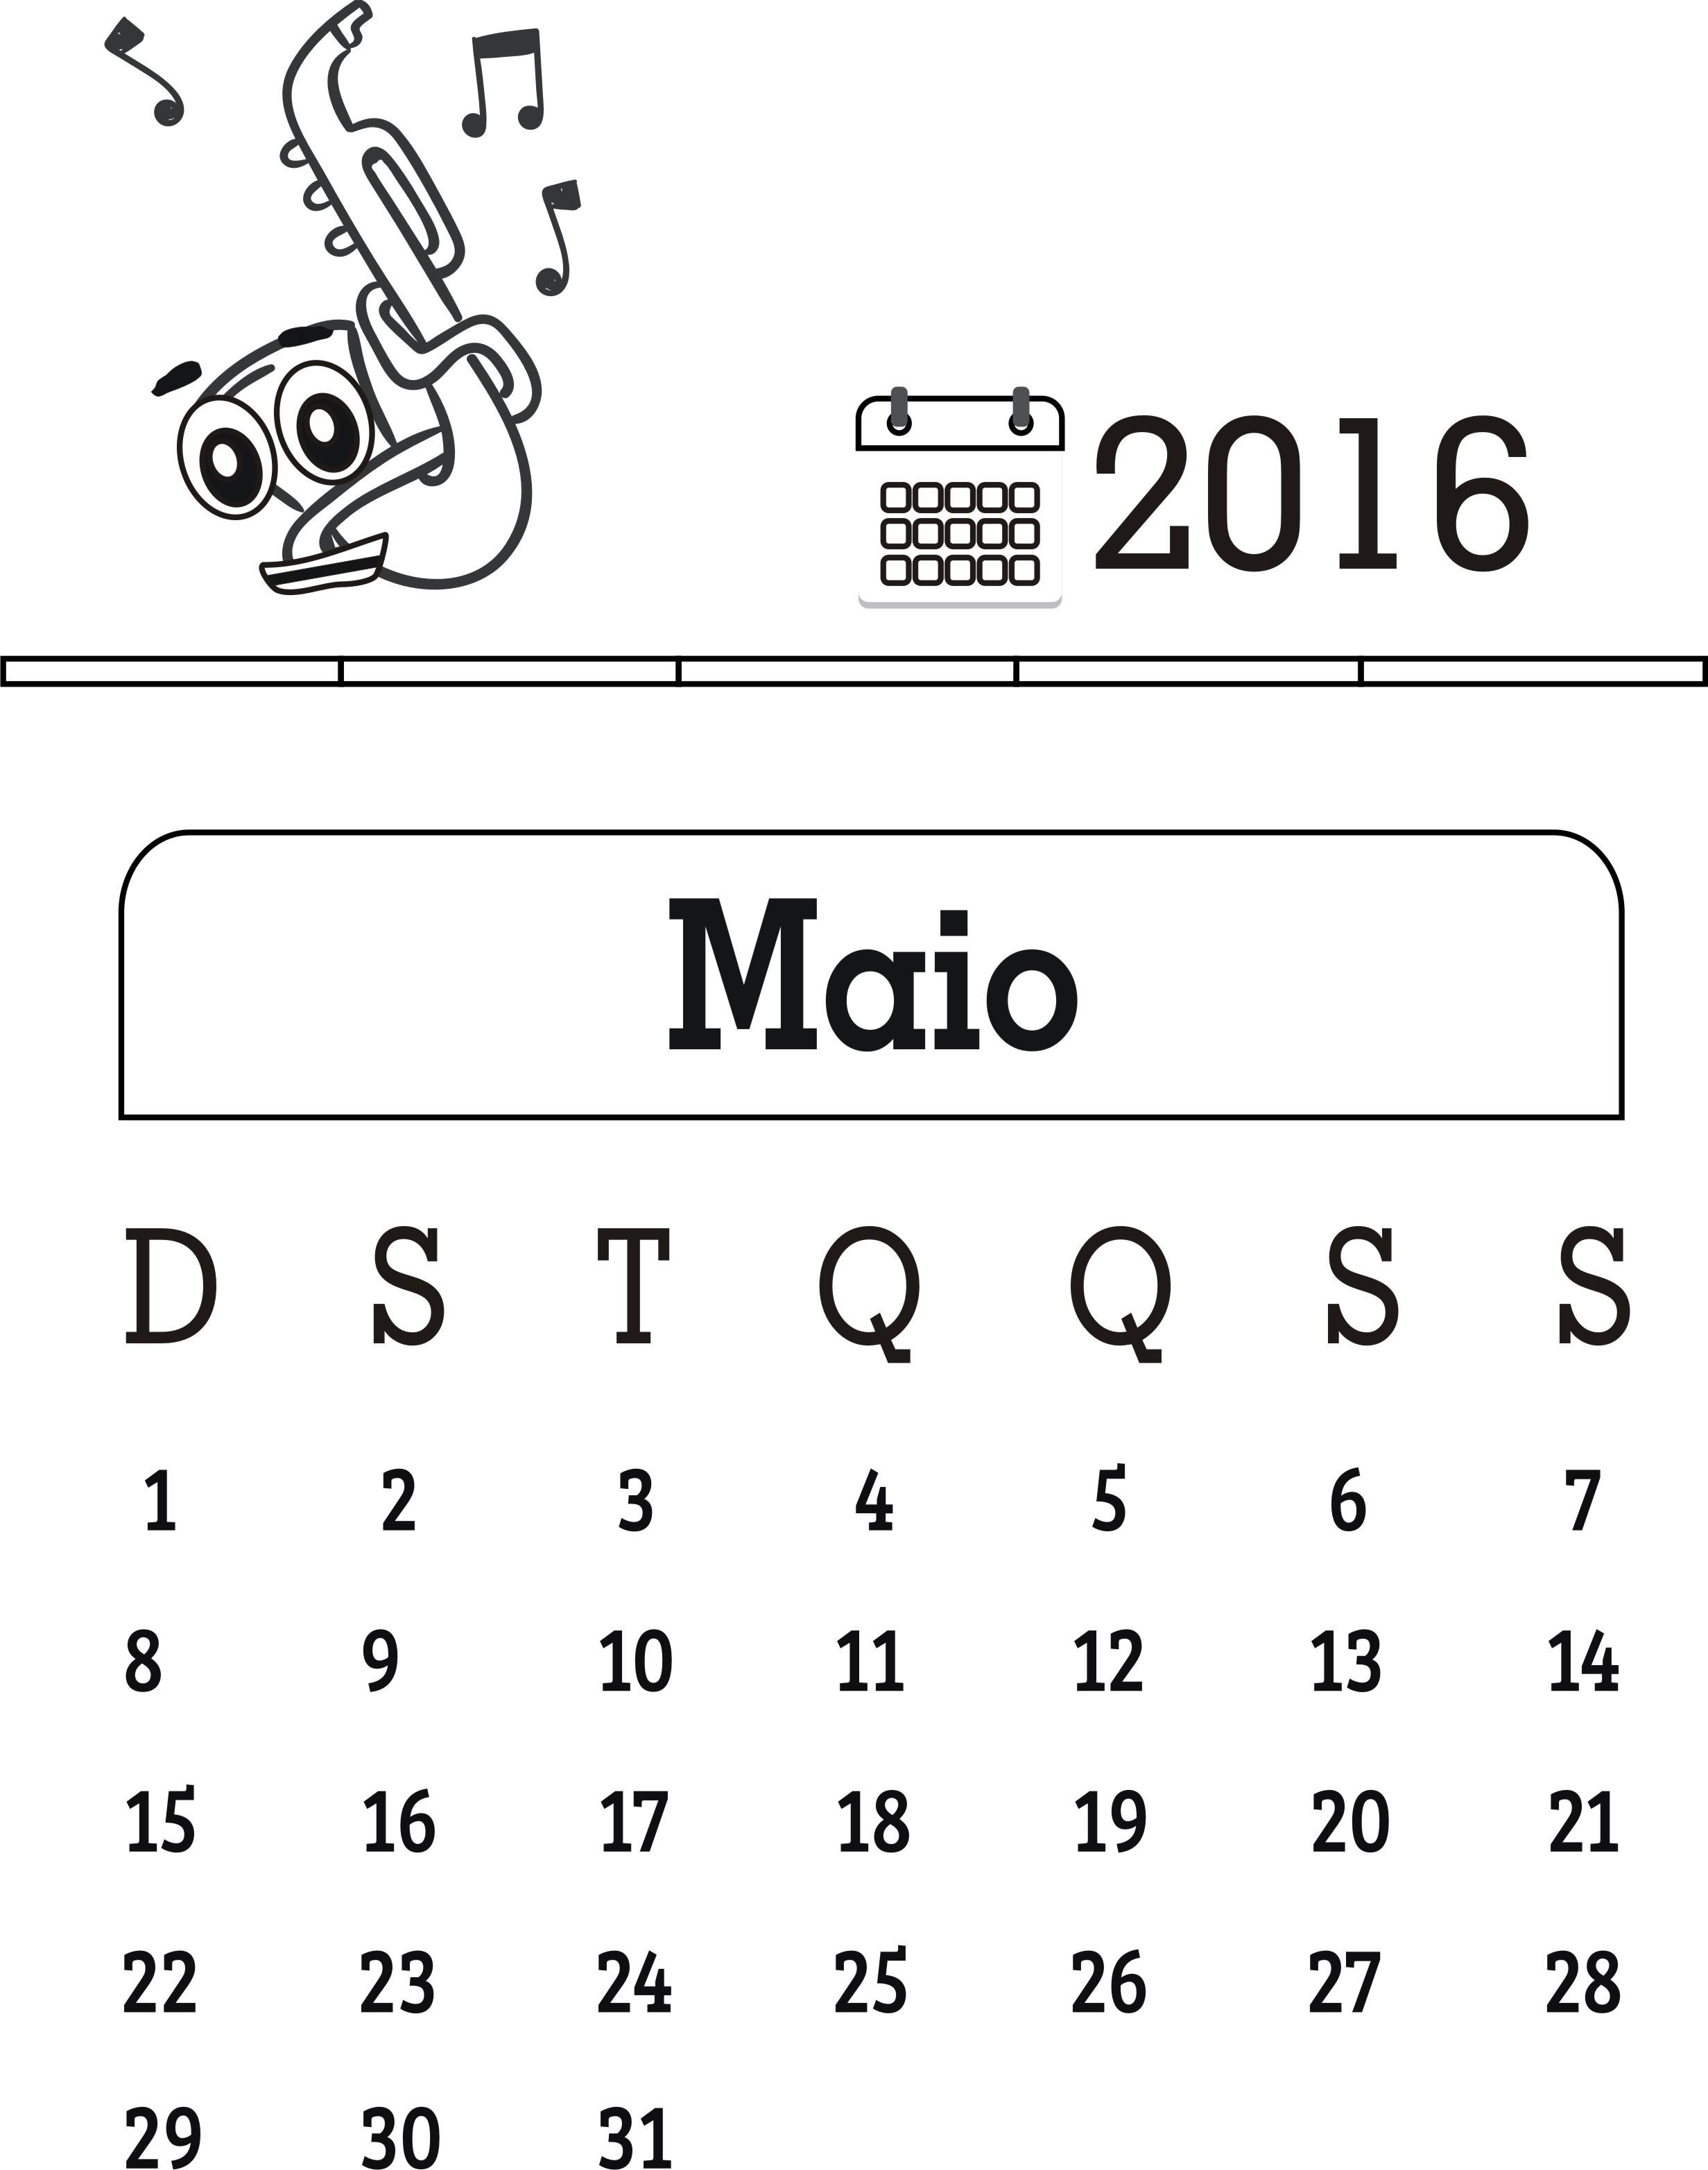 Imprimir Calendário Maio 2017 Más Recientes Calendario Para Colorir Calendário Desenho Para Colorir Ultra Of Imprimir Calendário Maio 2017 Más Actual Partilhando Ideias Calendrio 2018 Calendrio T